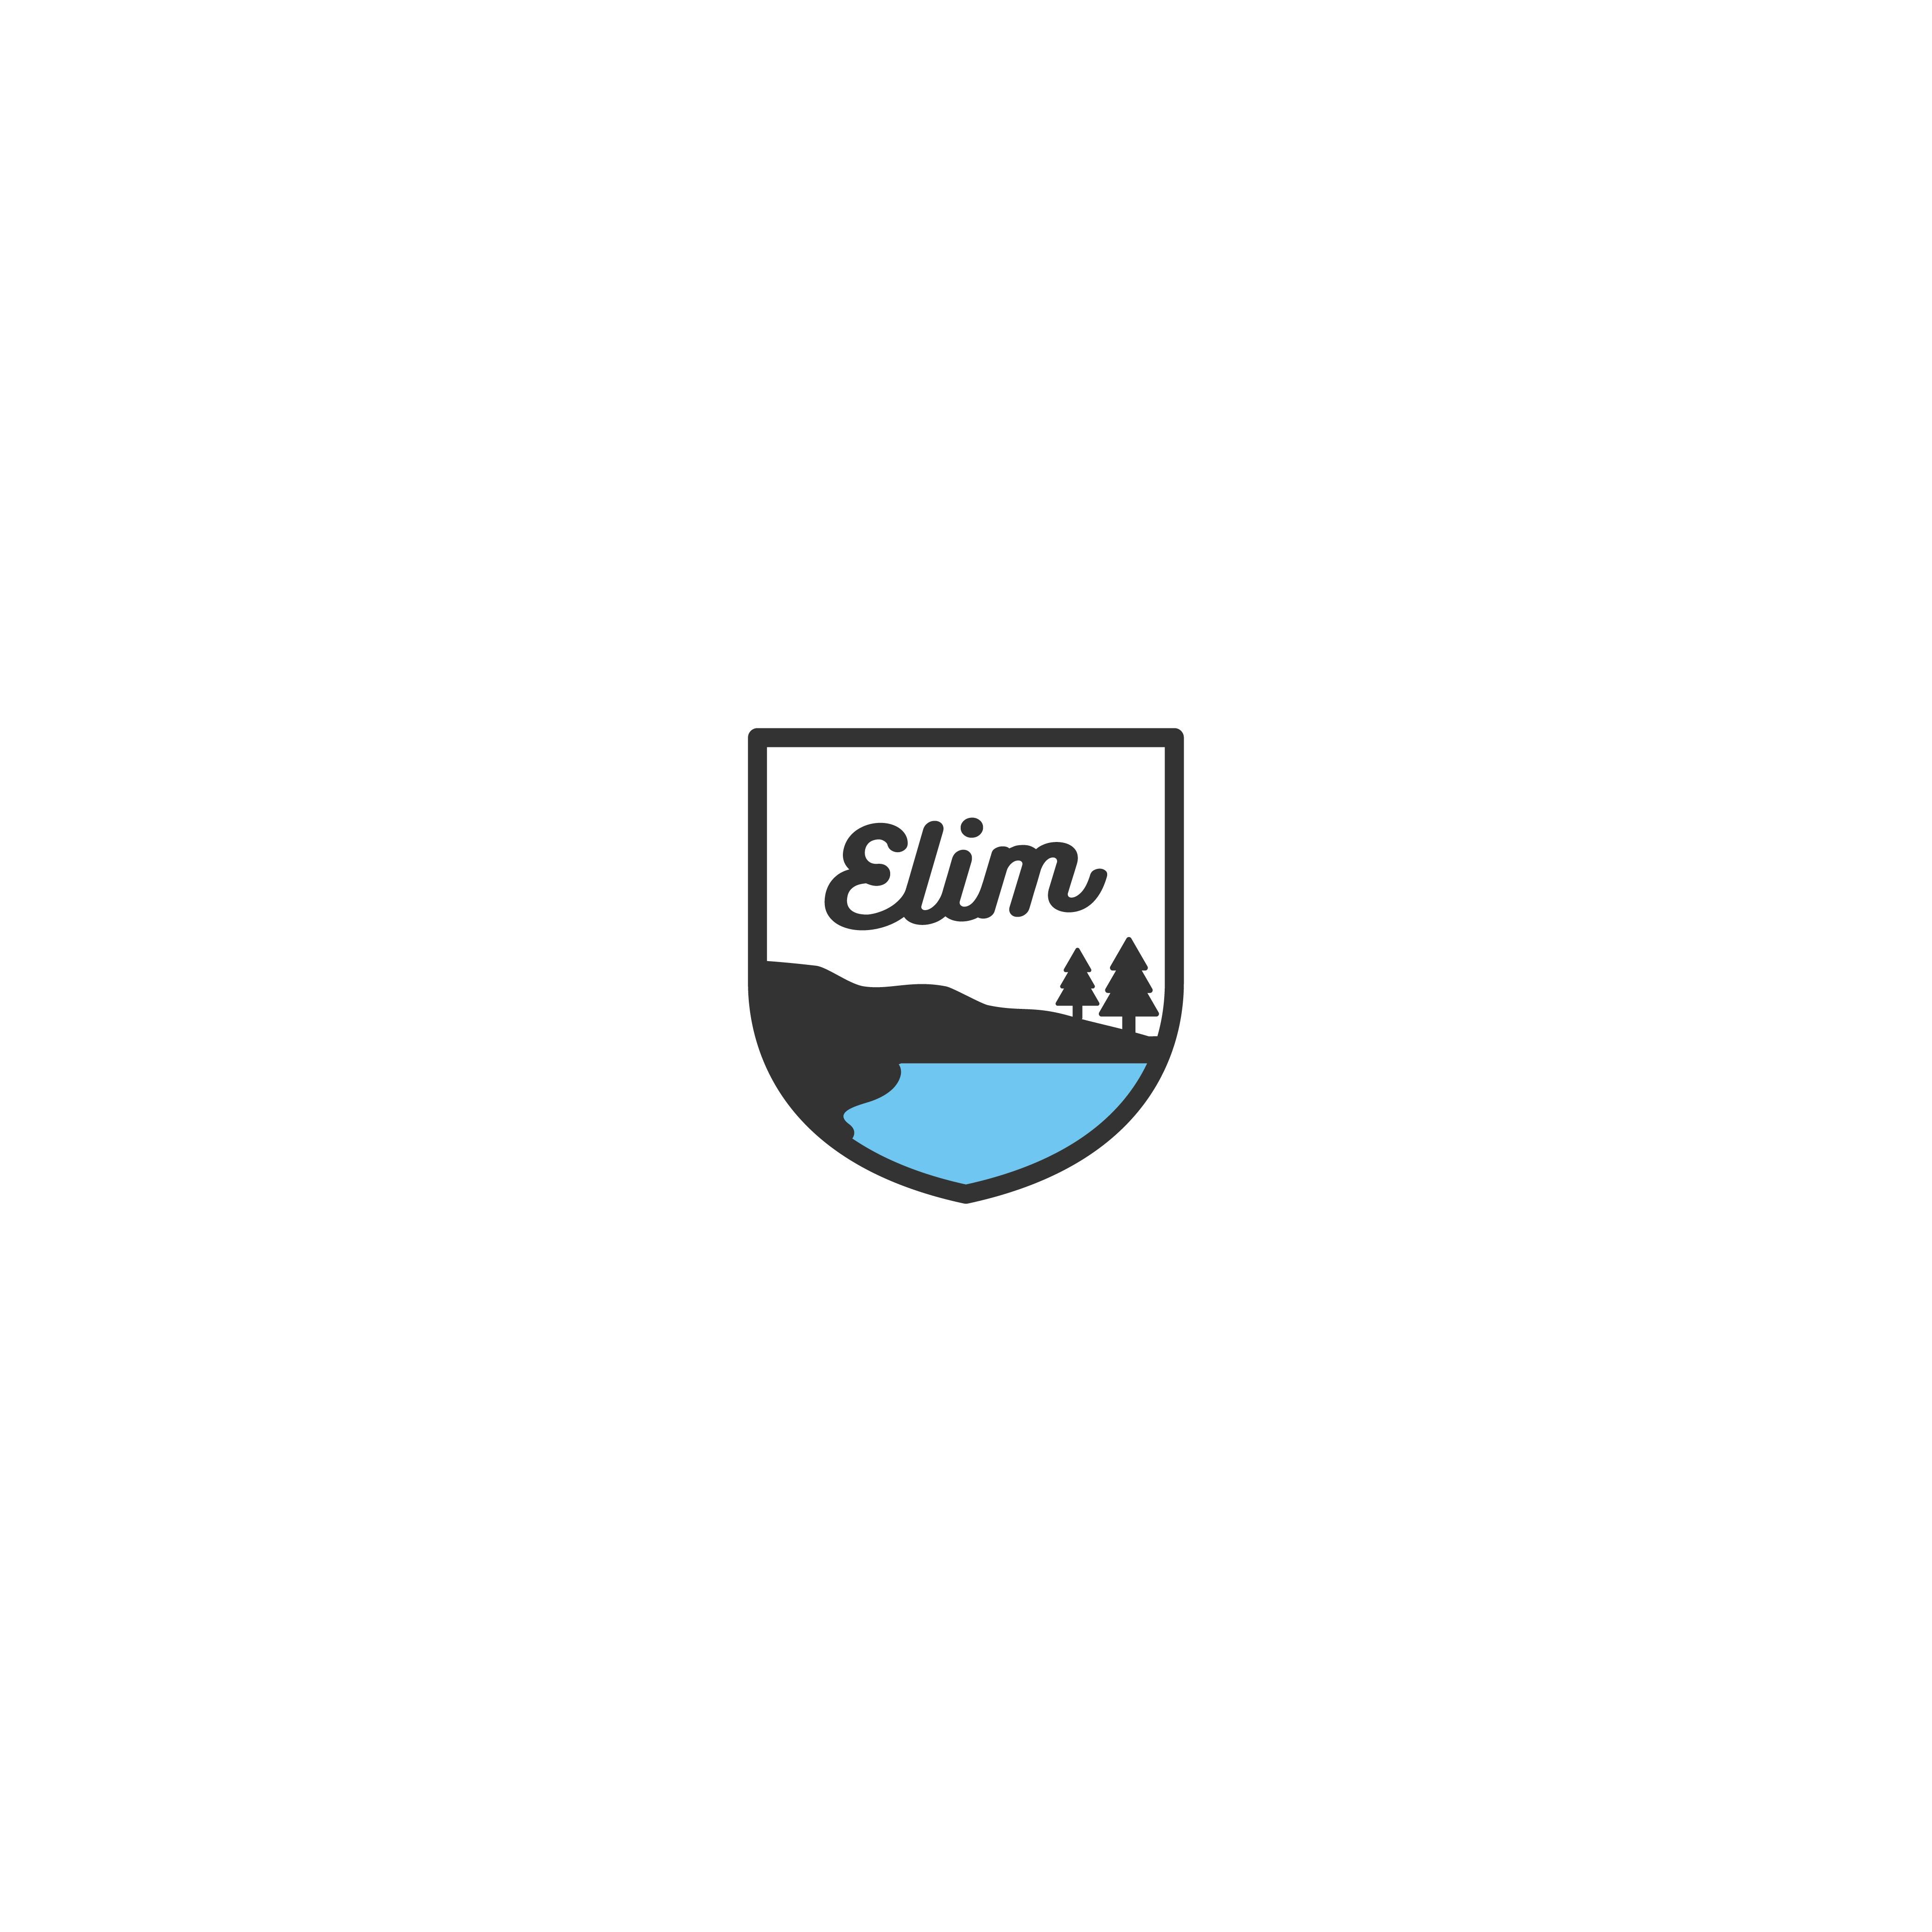 Logo Design for a Resort/Camp/Conference Center